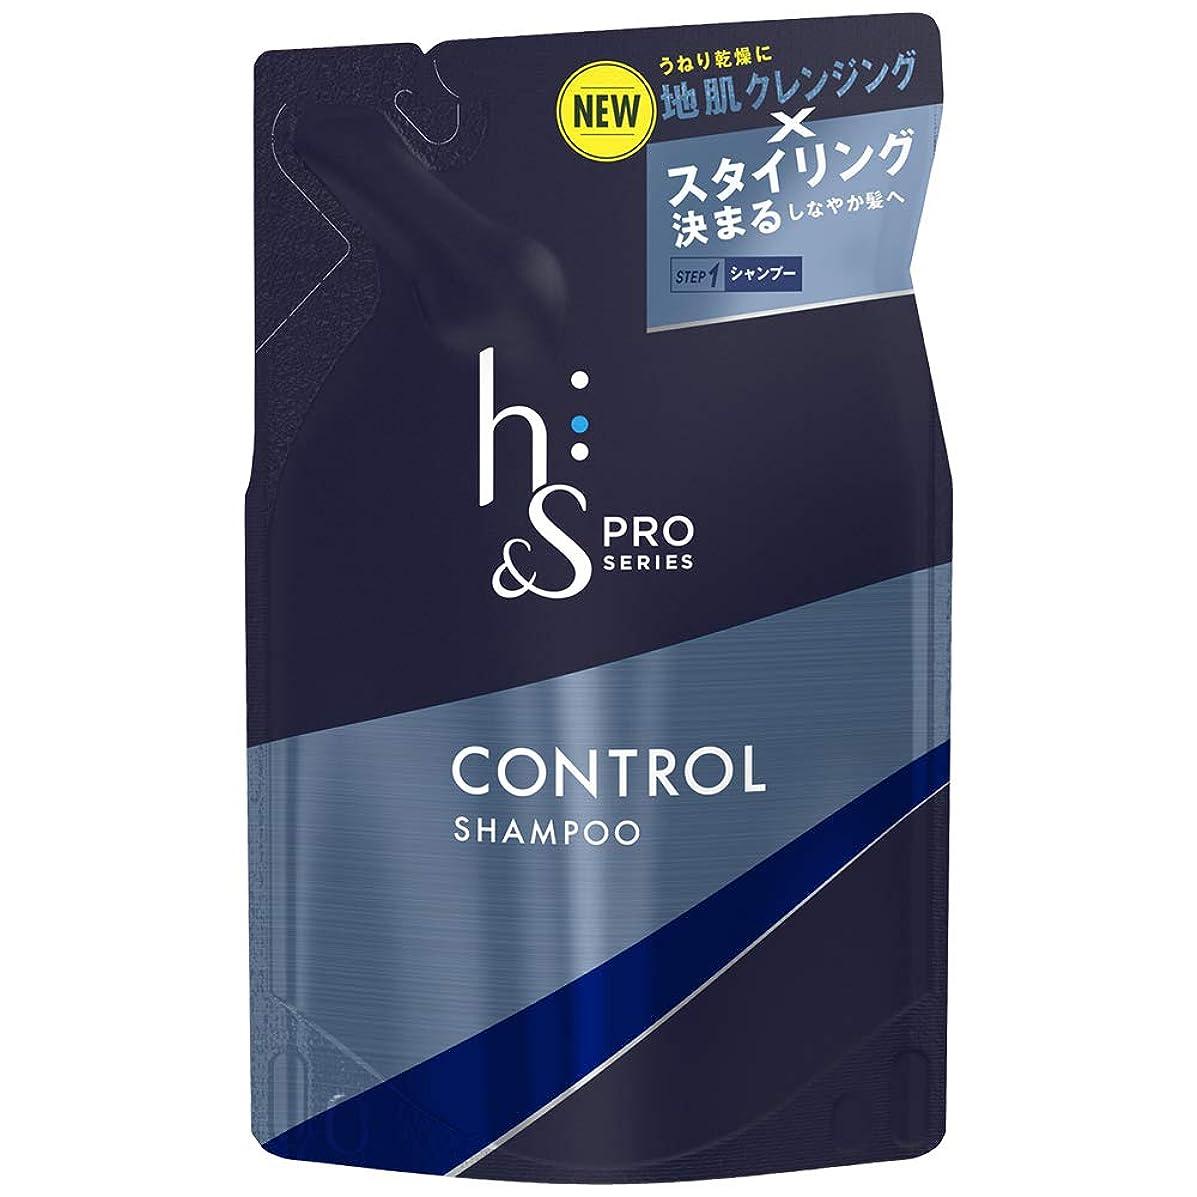 彼恨み端h&s PRO (エイチアンドエス プロ) メンズ シャンプー コントロール 詰め替え (スタイリング重視) 300mL